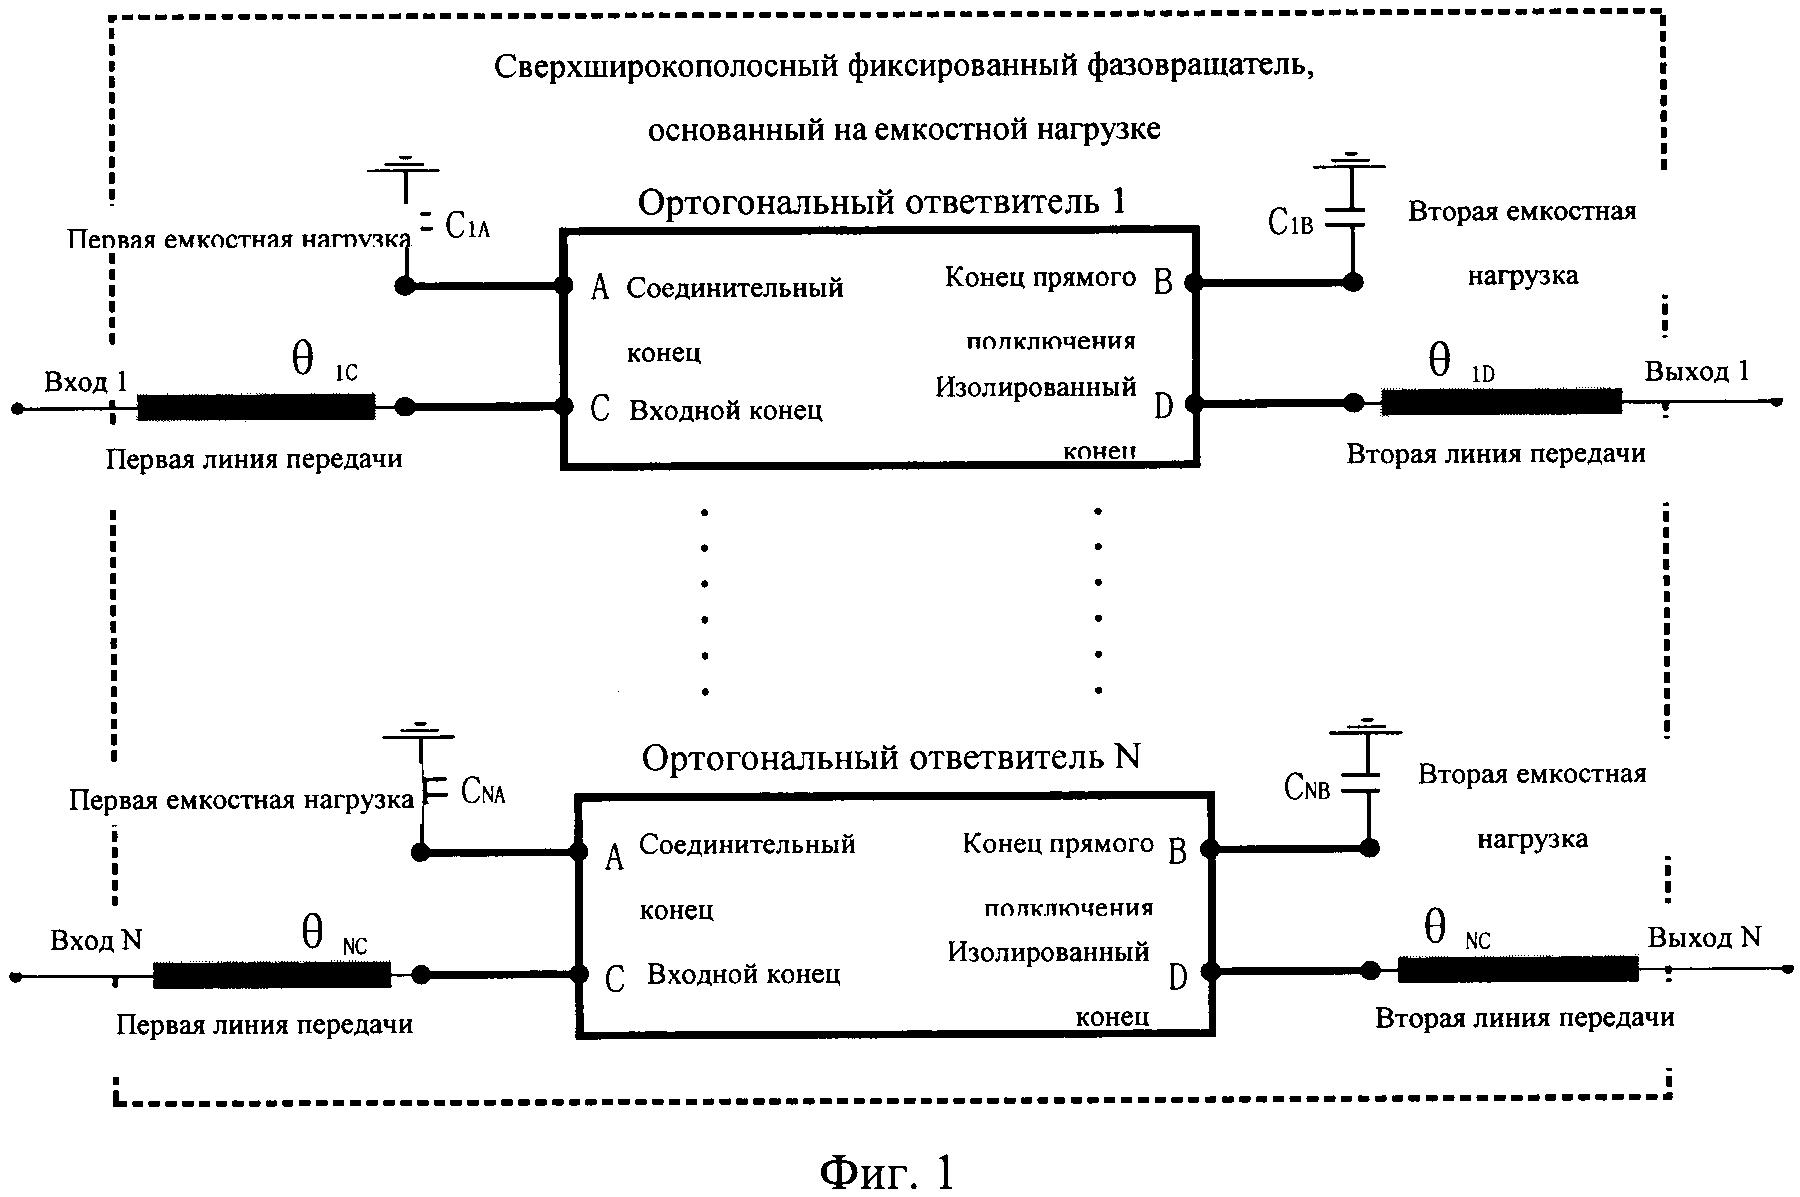 Сверхширокополосный фиксированный фазовращатель, основанный на ёмкостной нагрузке